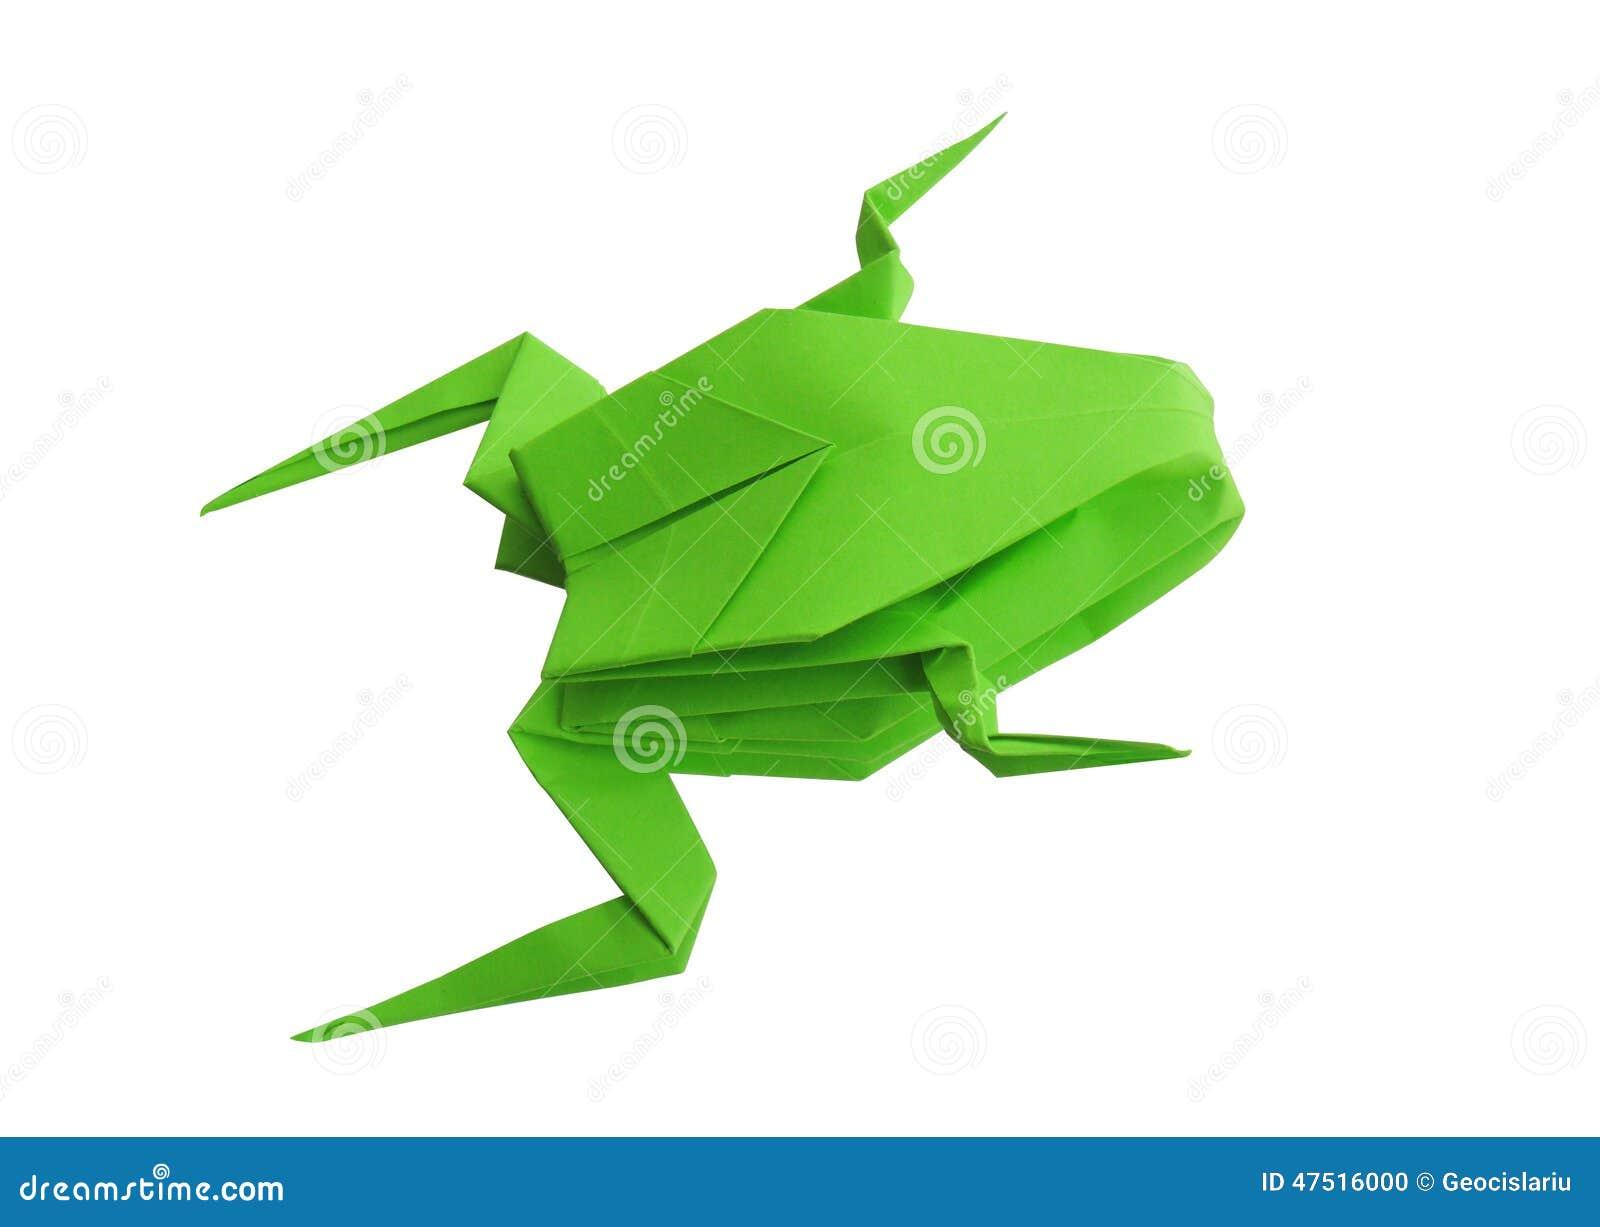 Голова лягушки из бумаги